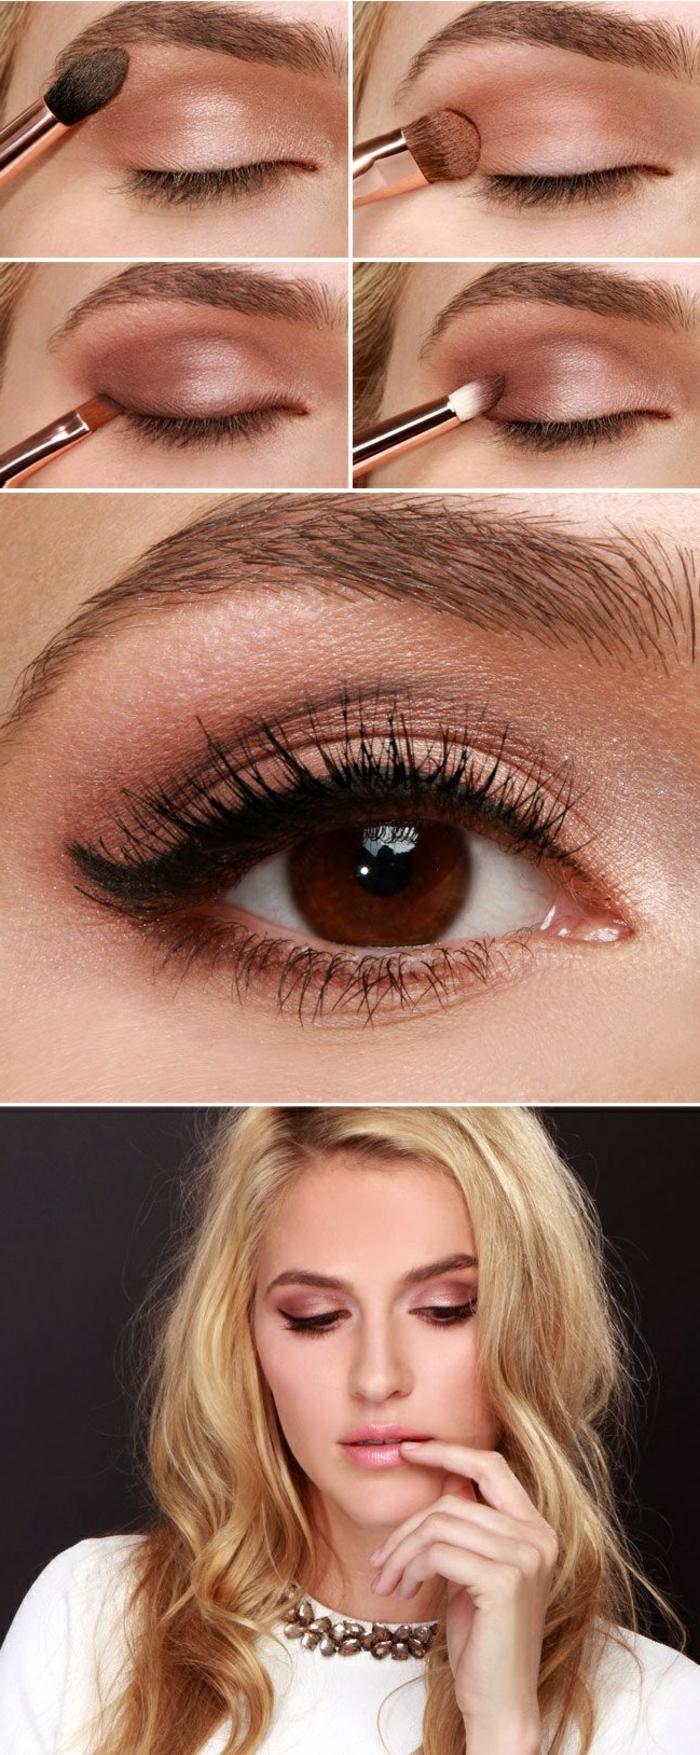 Béauté-maquillage-yeux-marrons-blonde-cheveux-longs